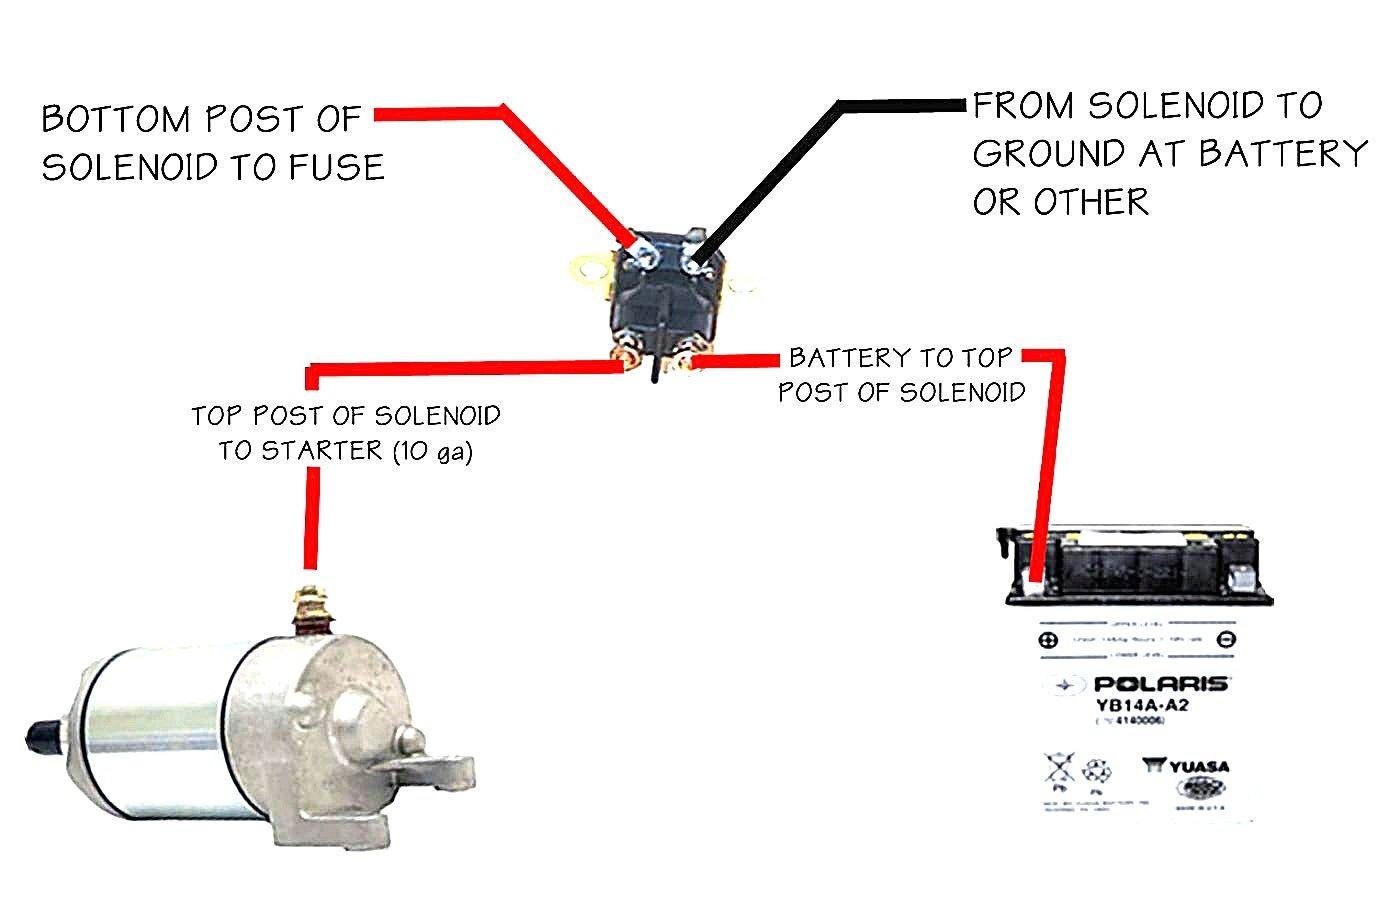 12v Starter solenoid Wiring Diagram | Electrical wiring diagram, Electrical  diagram, Car starterPinterest